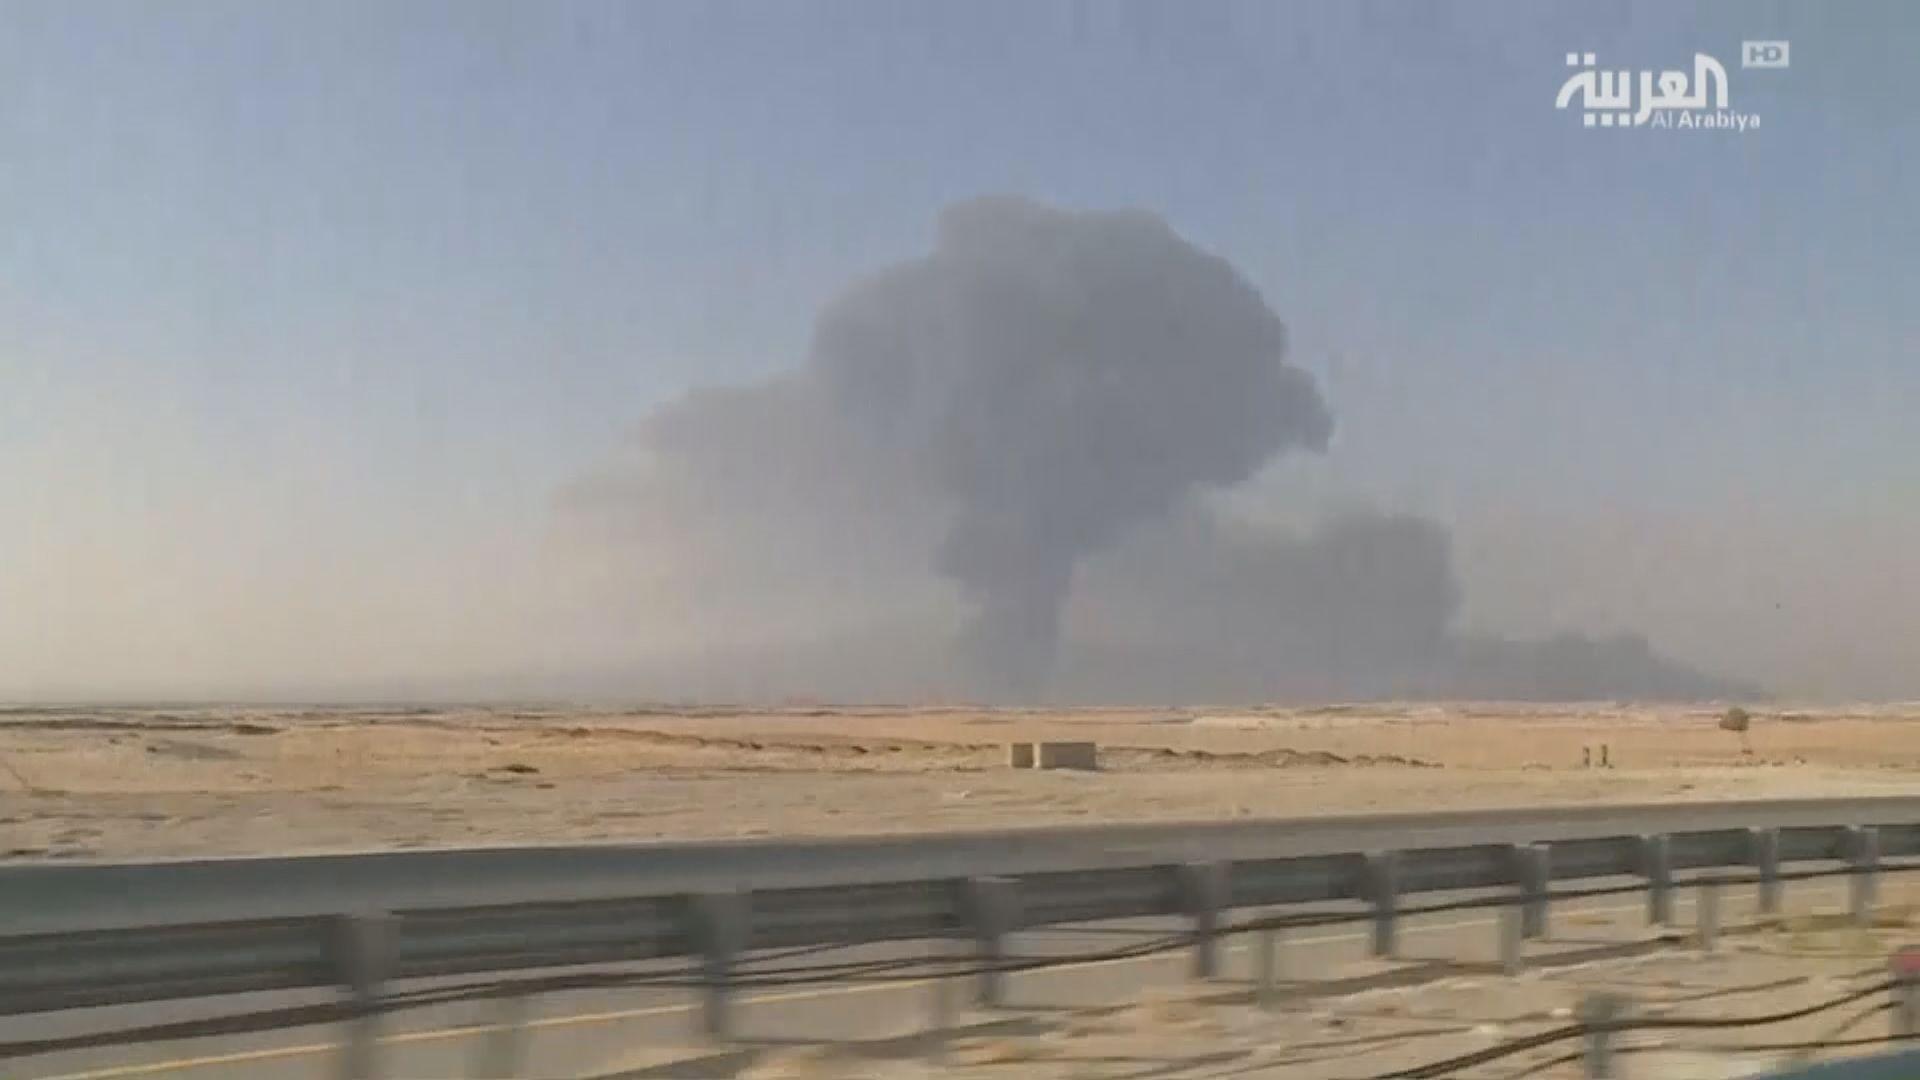 沙特煉油廠遇襲 激化美伊緊張局勢